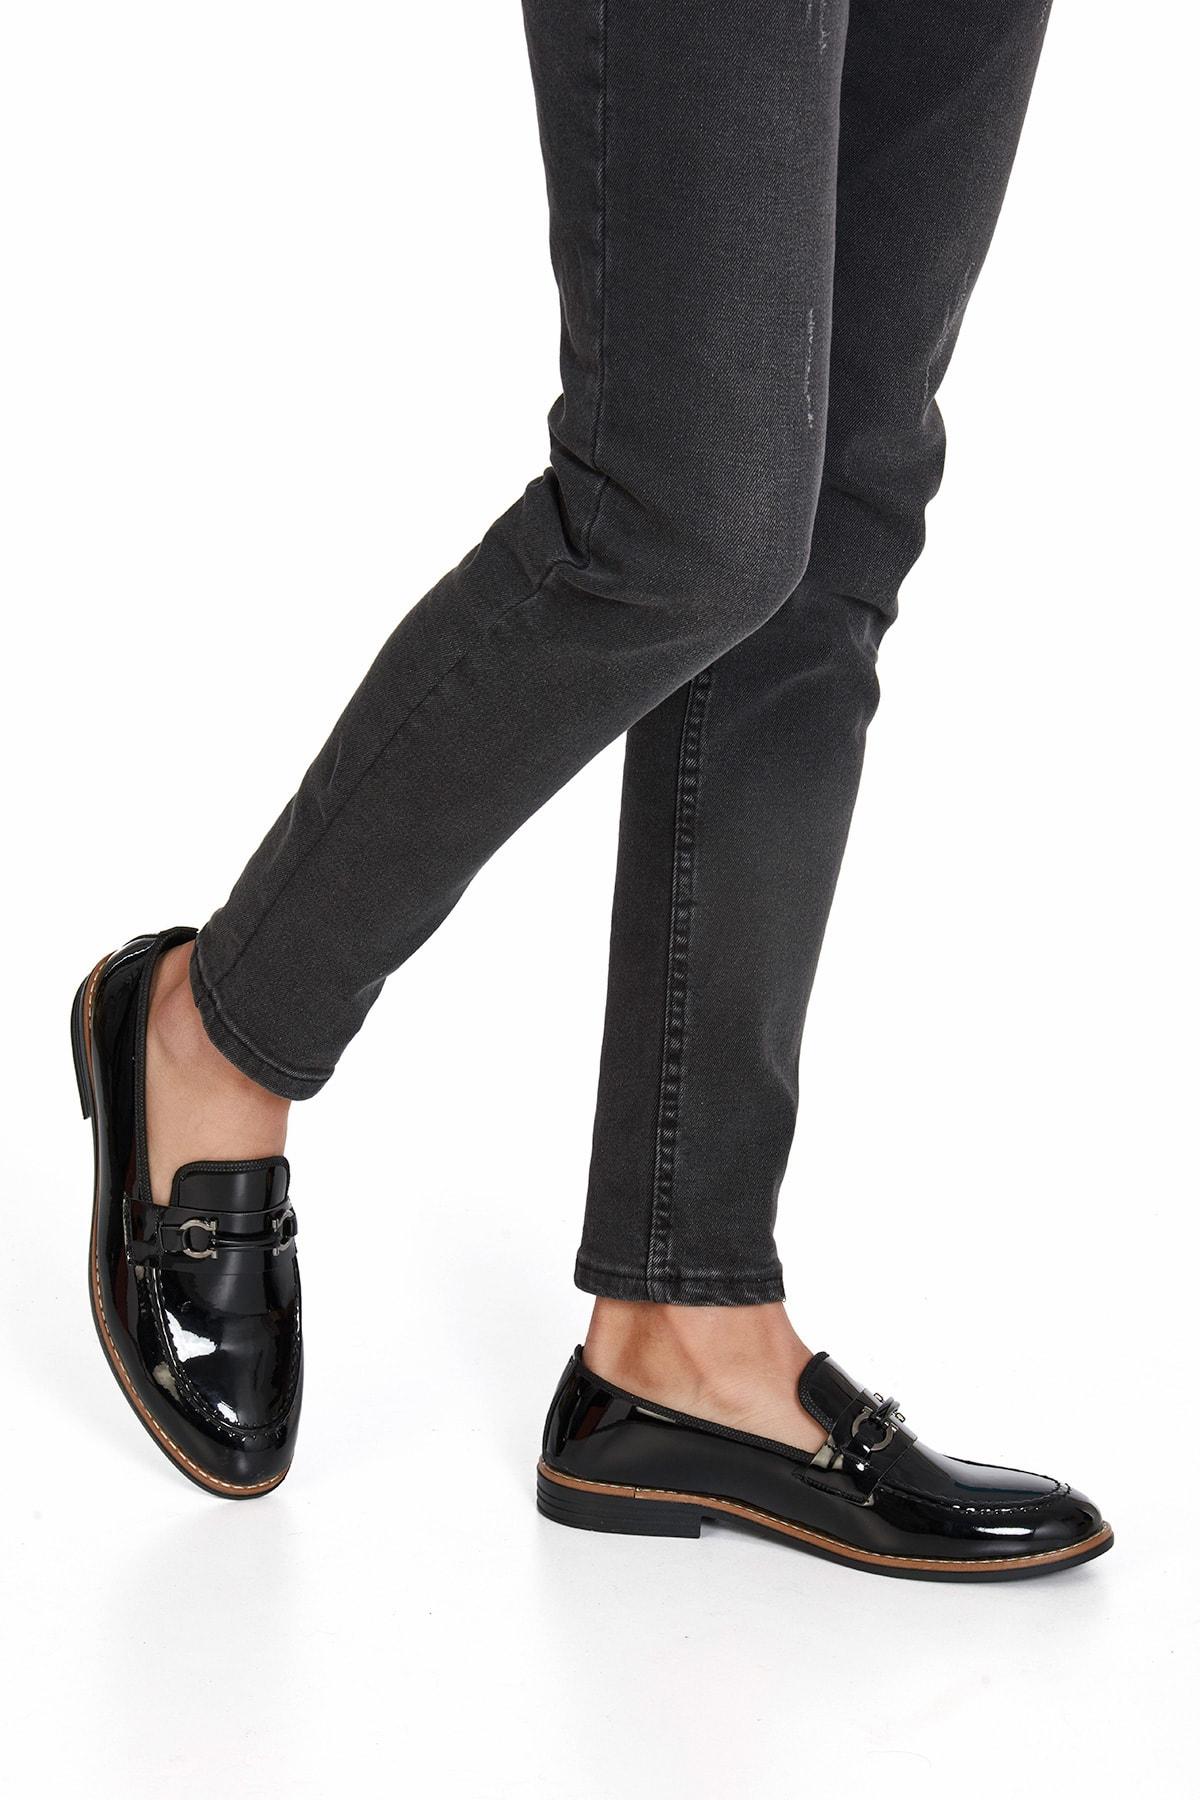 MUGGO M702 Erkek Ayakkabı 2